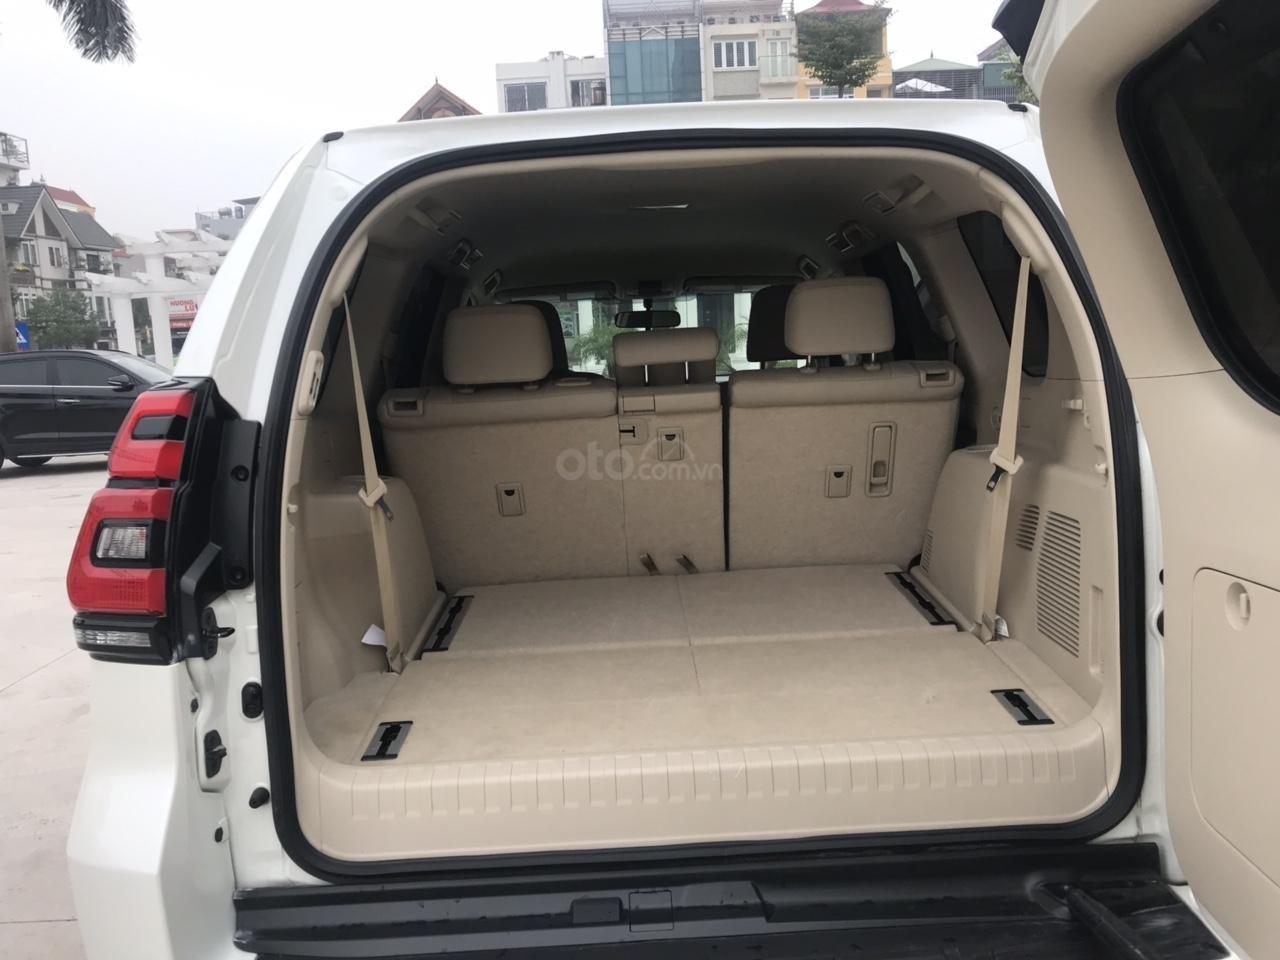 Cần bán xe Toyota Prado đời 2018, màu trắng, xe siêu lướt thơm mùi mới - Liên hệ: 094-711-6996 Mr Thanh-4